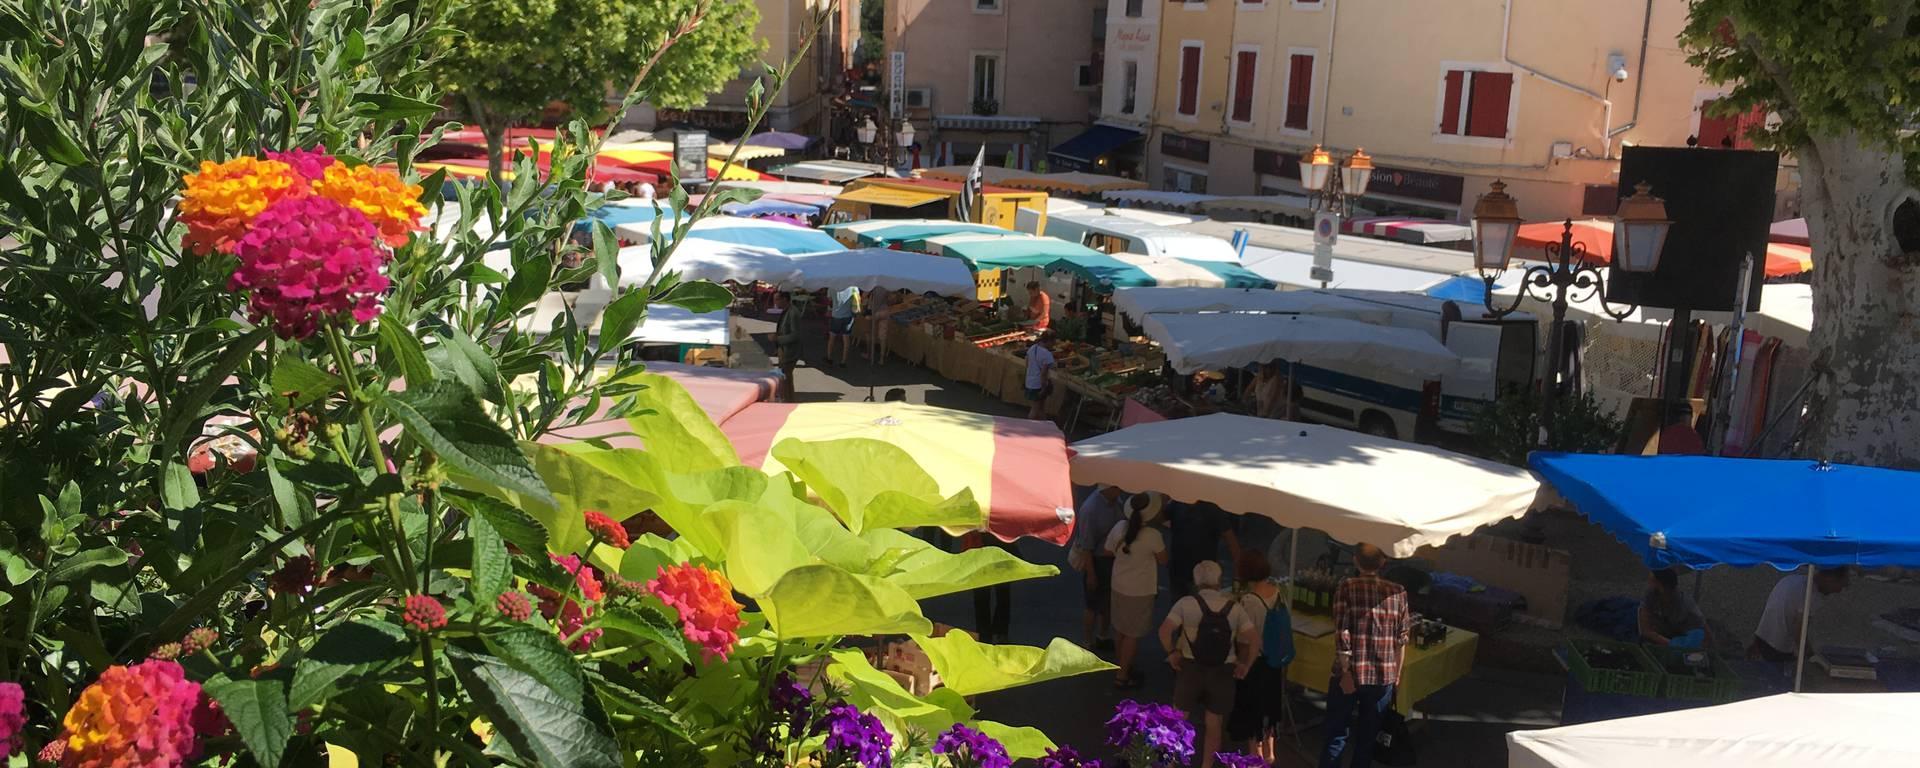 Luberon Apt Bonnieux Roussillon Ocres Provence Saignon Ménerbes Parc du Luberon Lavande Marché